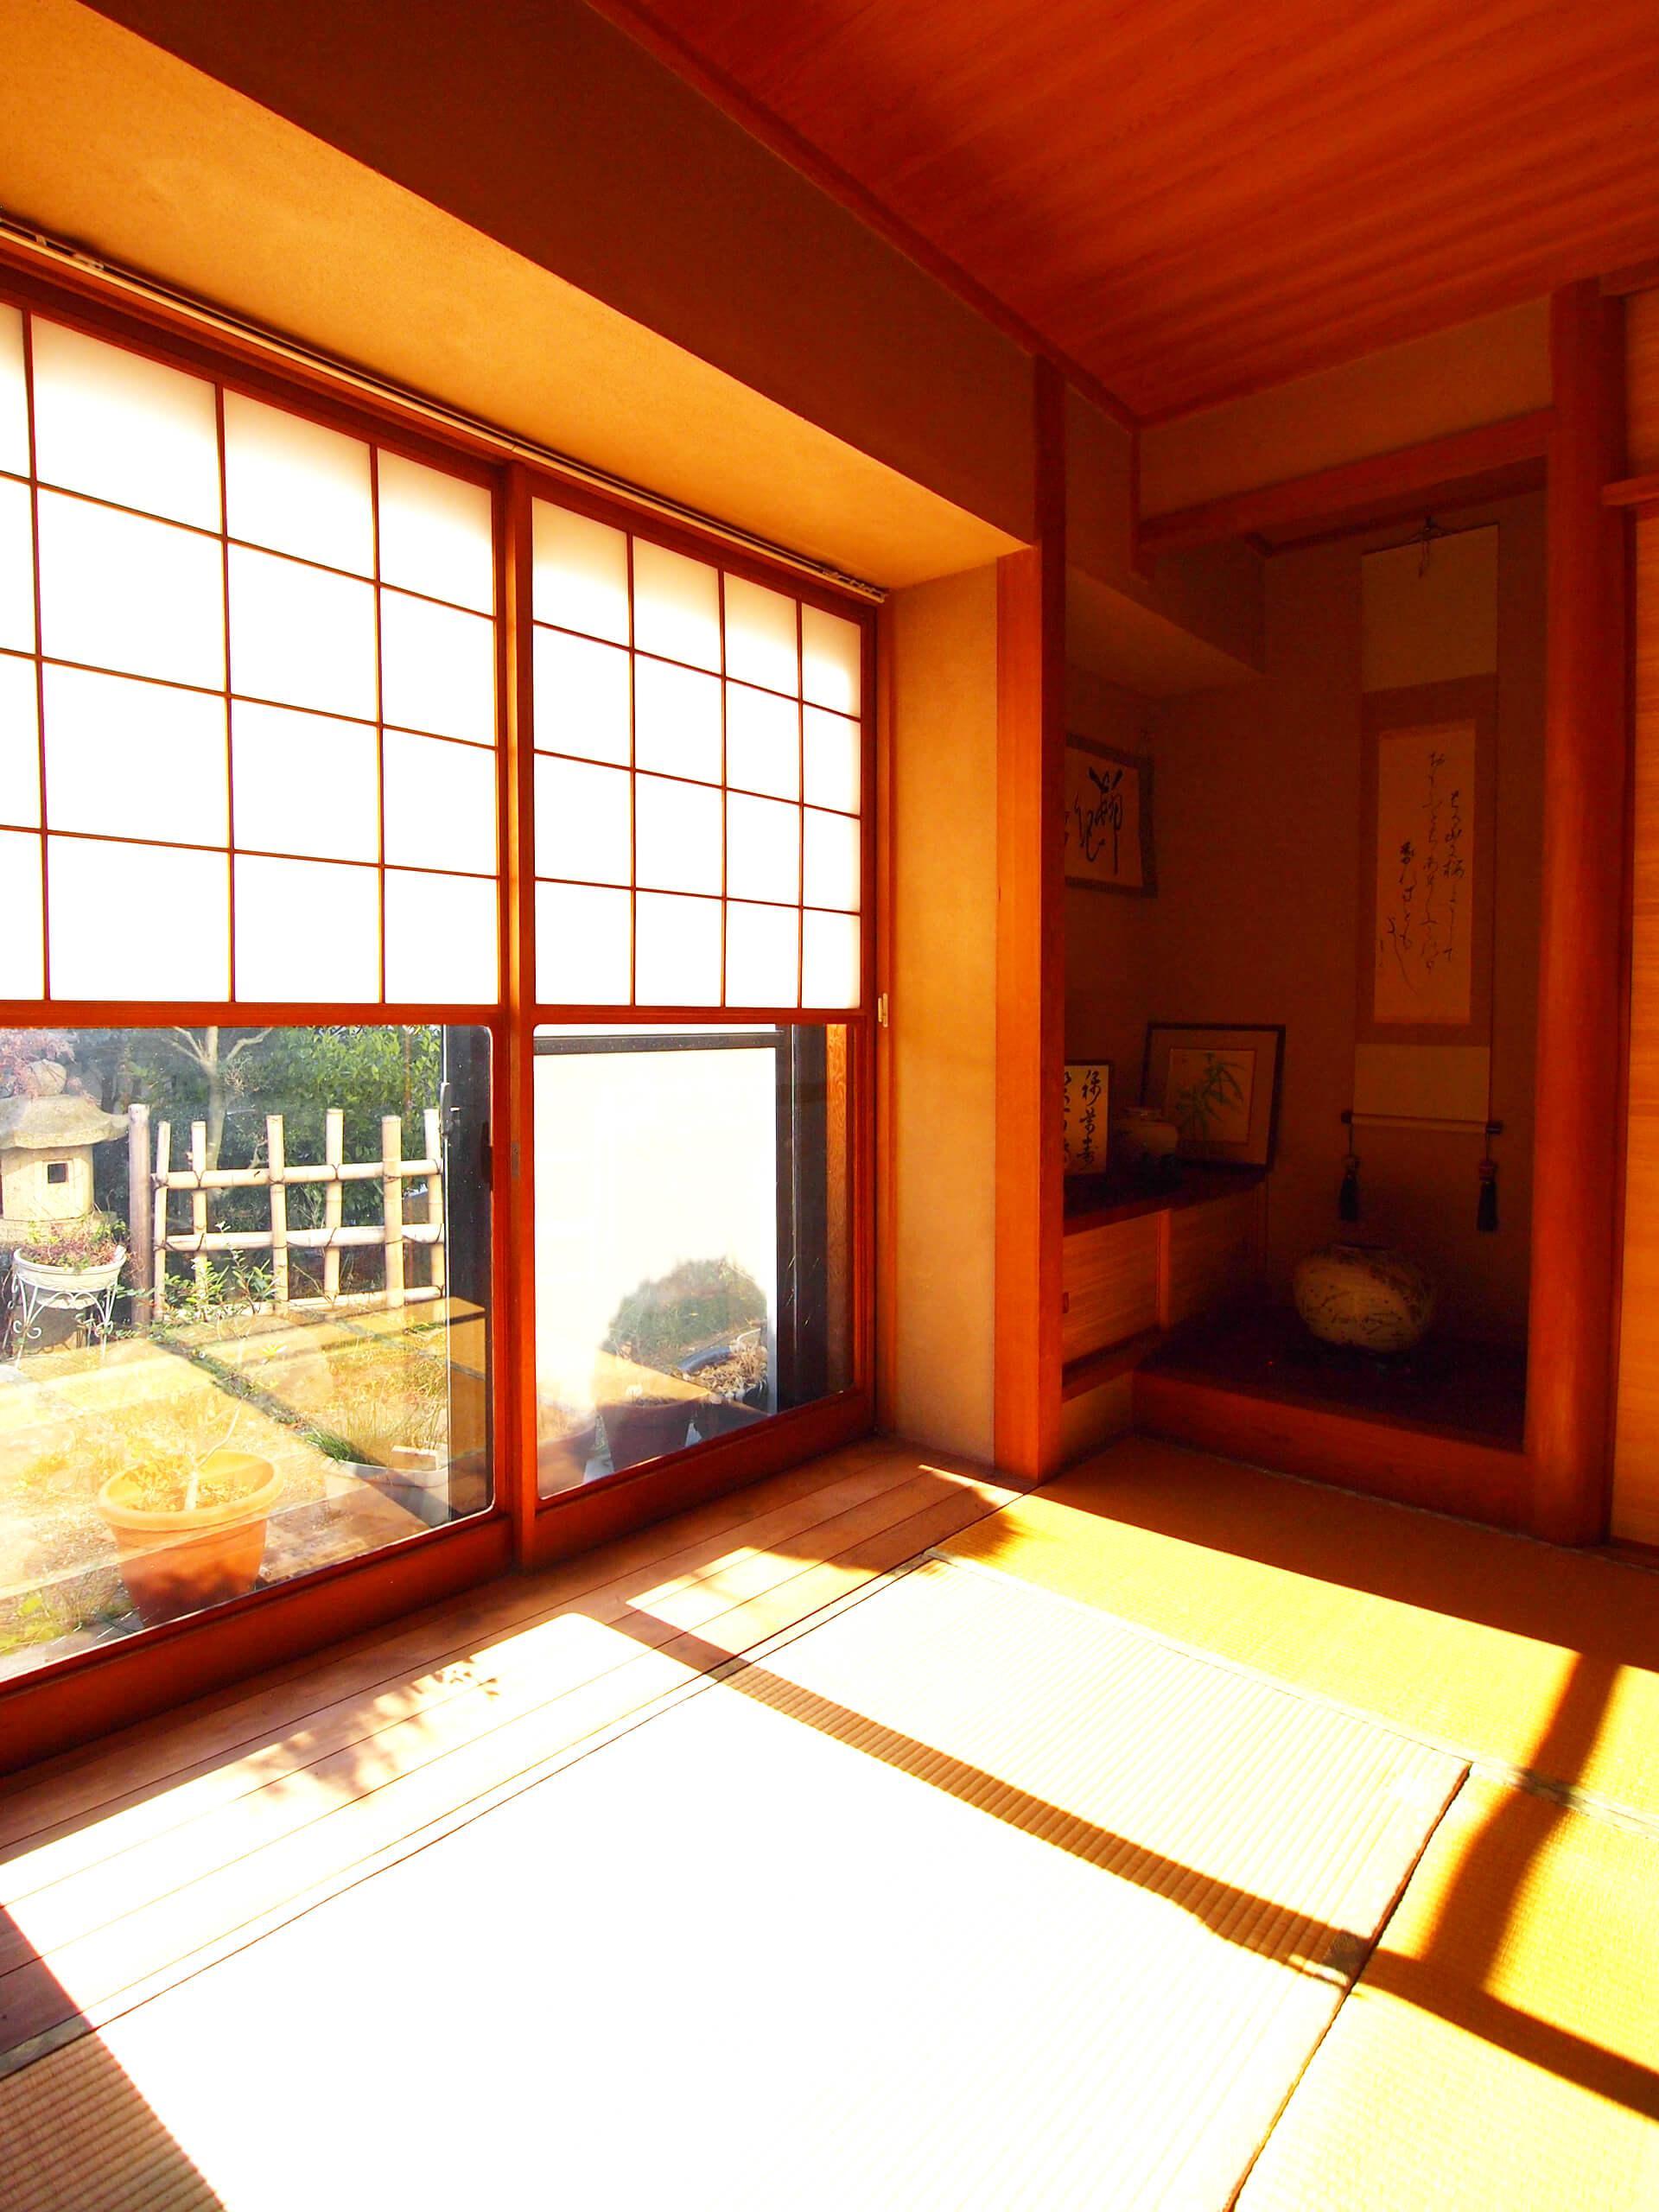 【南側】1階和室。雪見障子になっていて、庭が眺められる